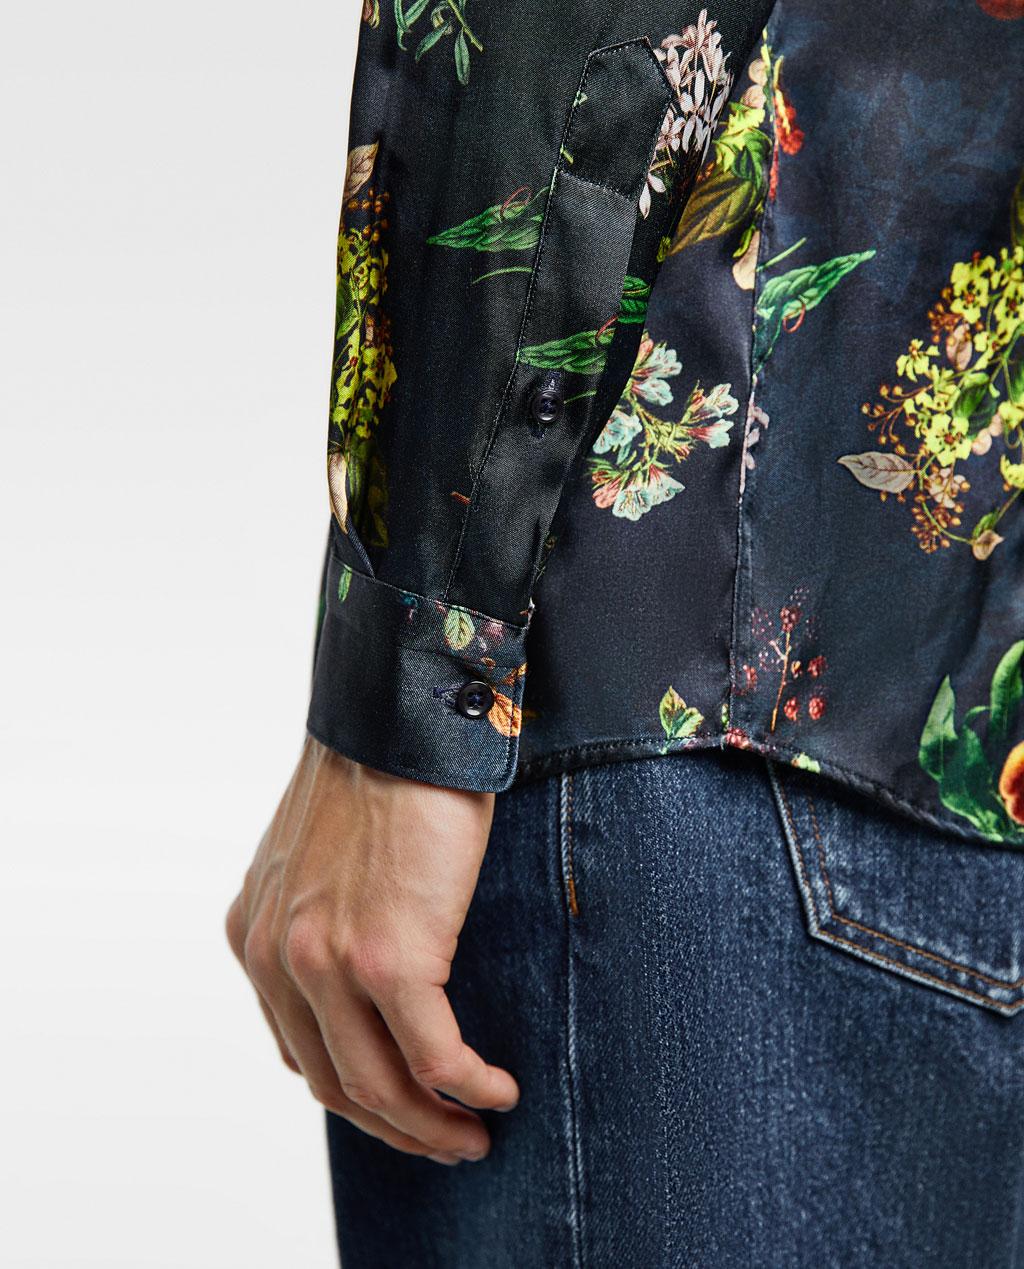 Thời trang nam Zara  24130 - ảnh 8